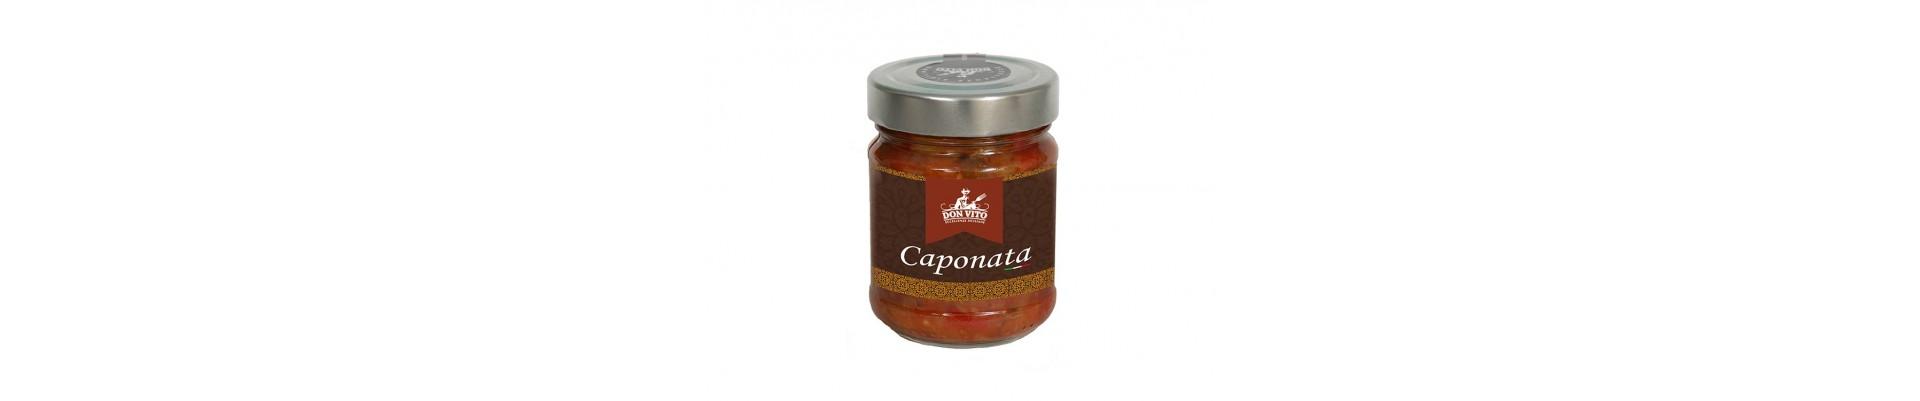 Online-Verkauf von Caponata und Pesto